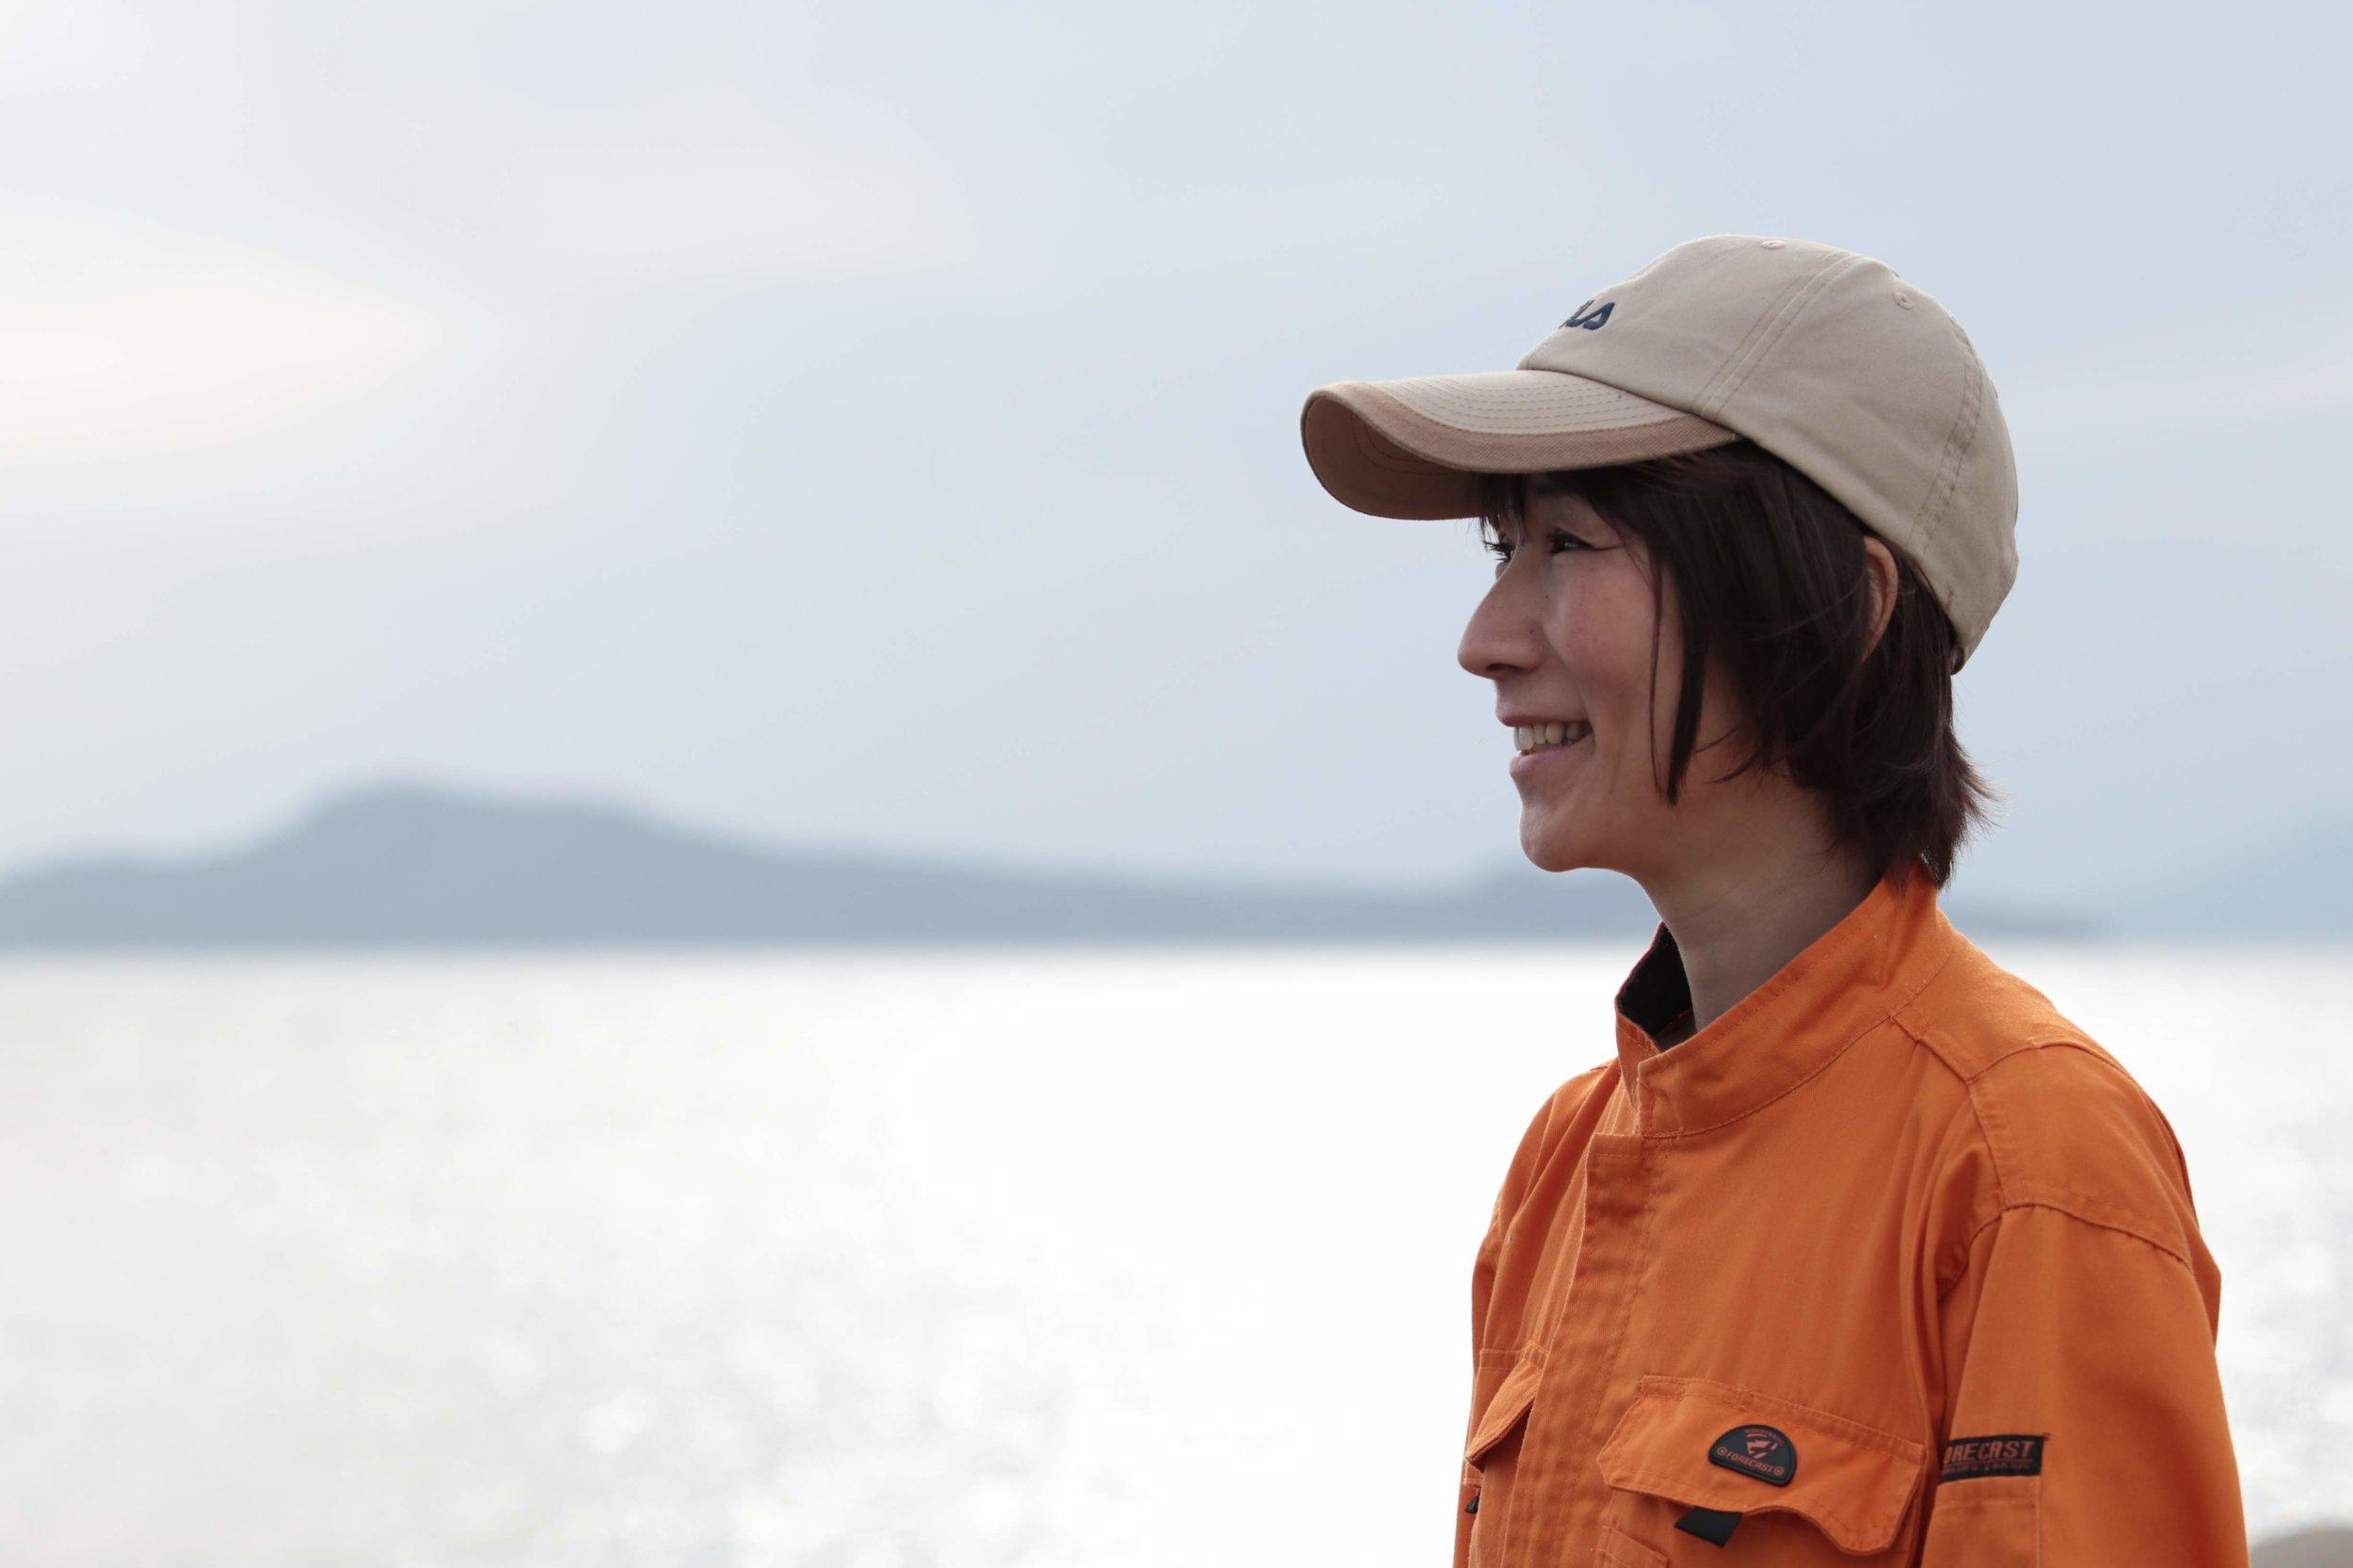 Satomi Fukuda